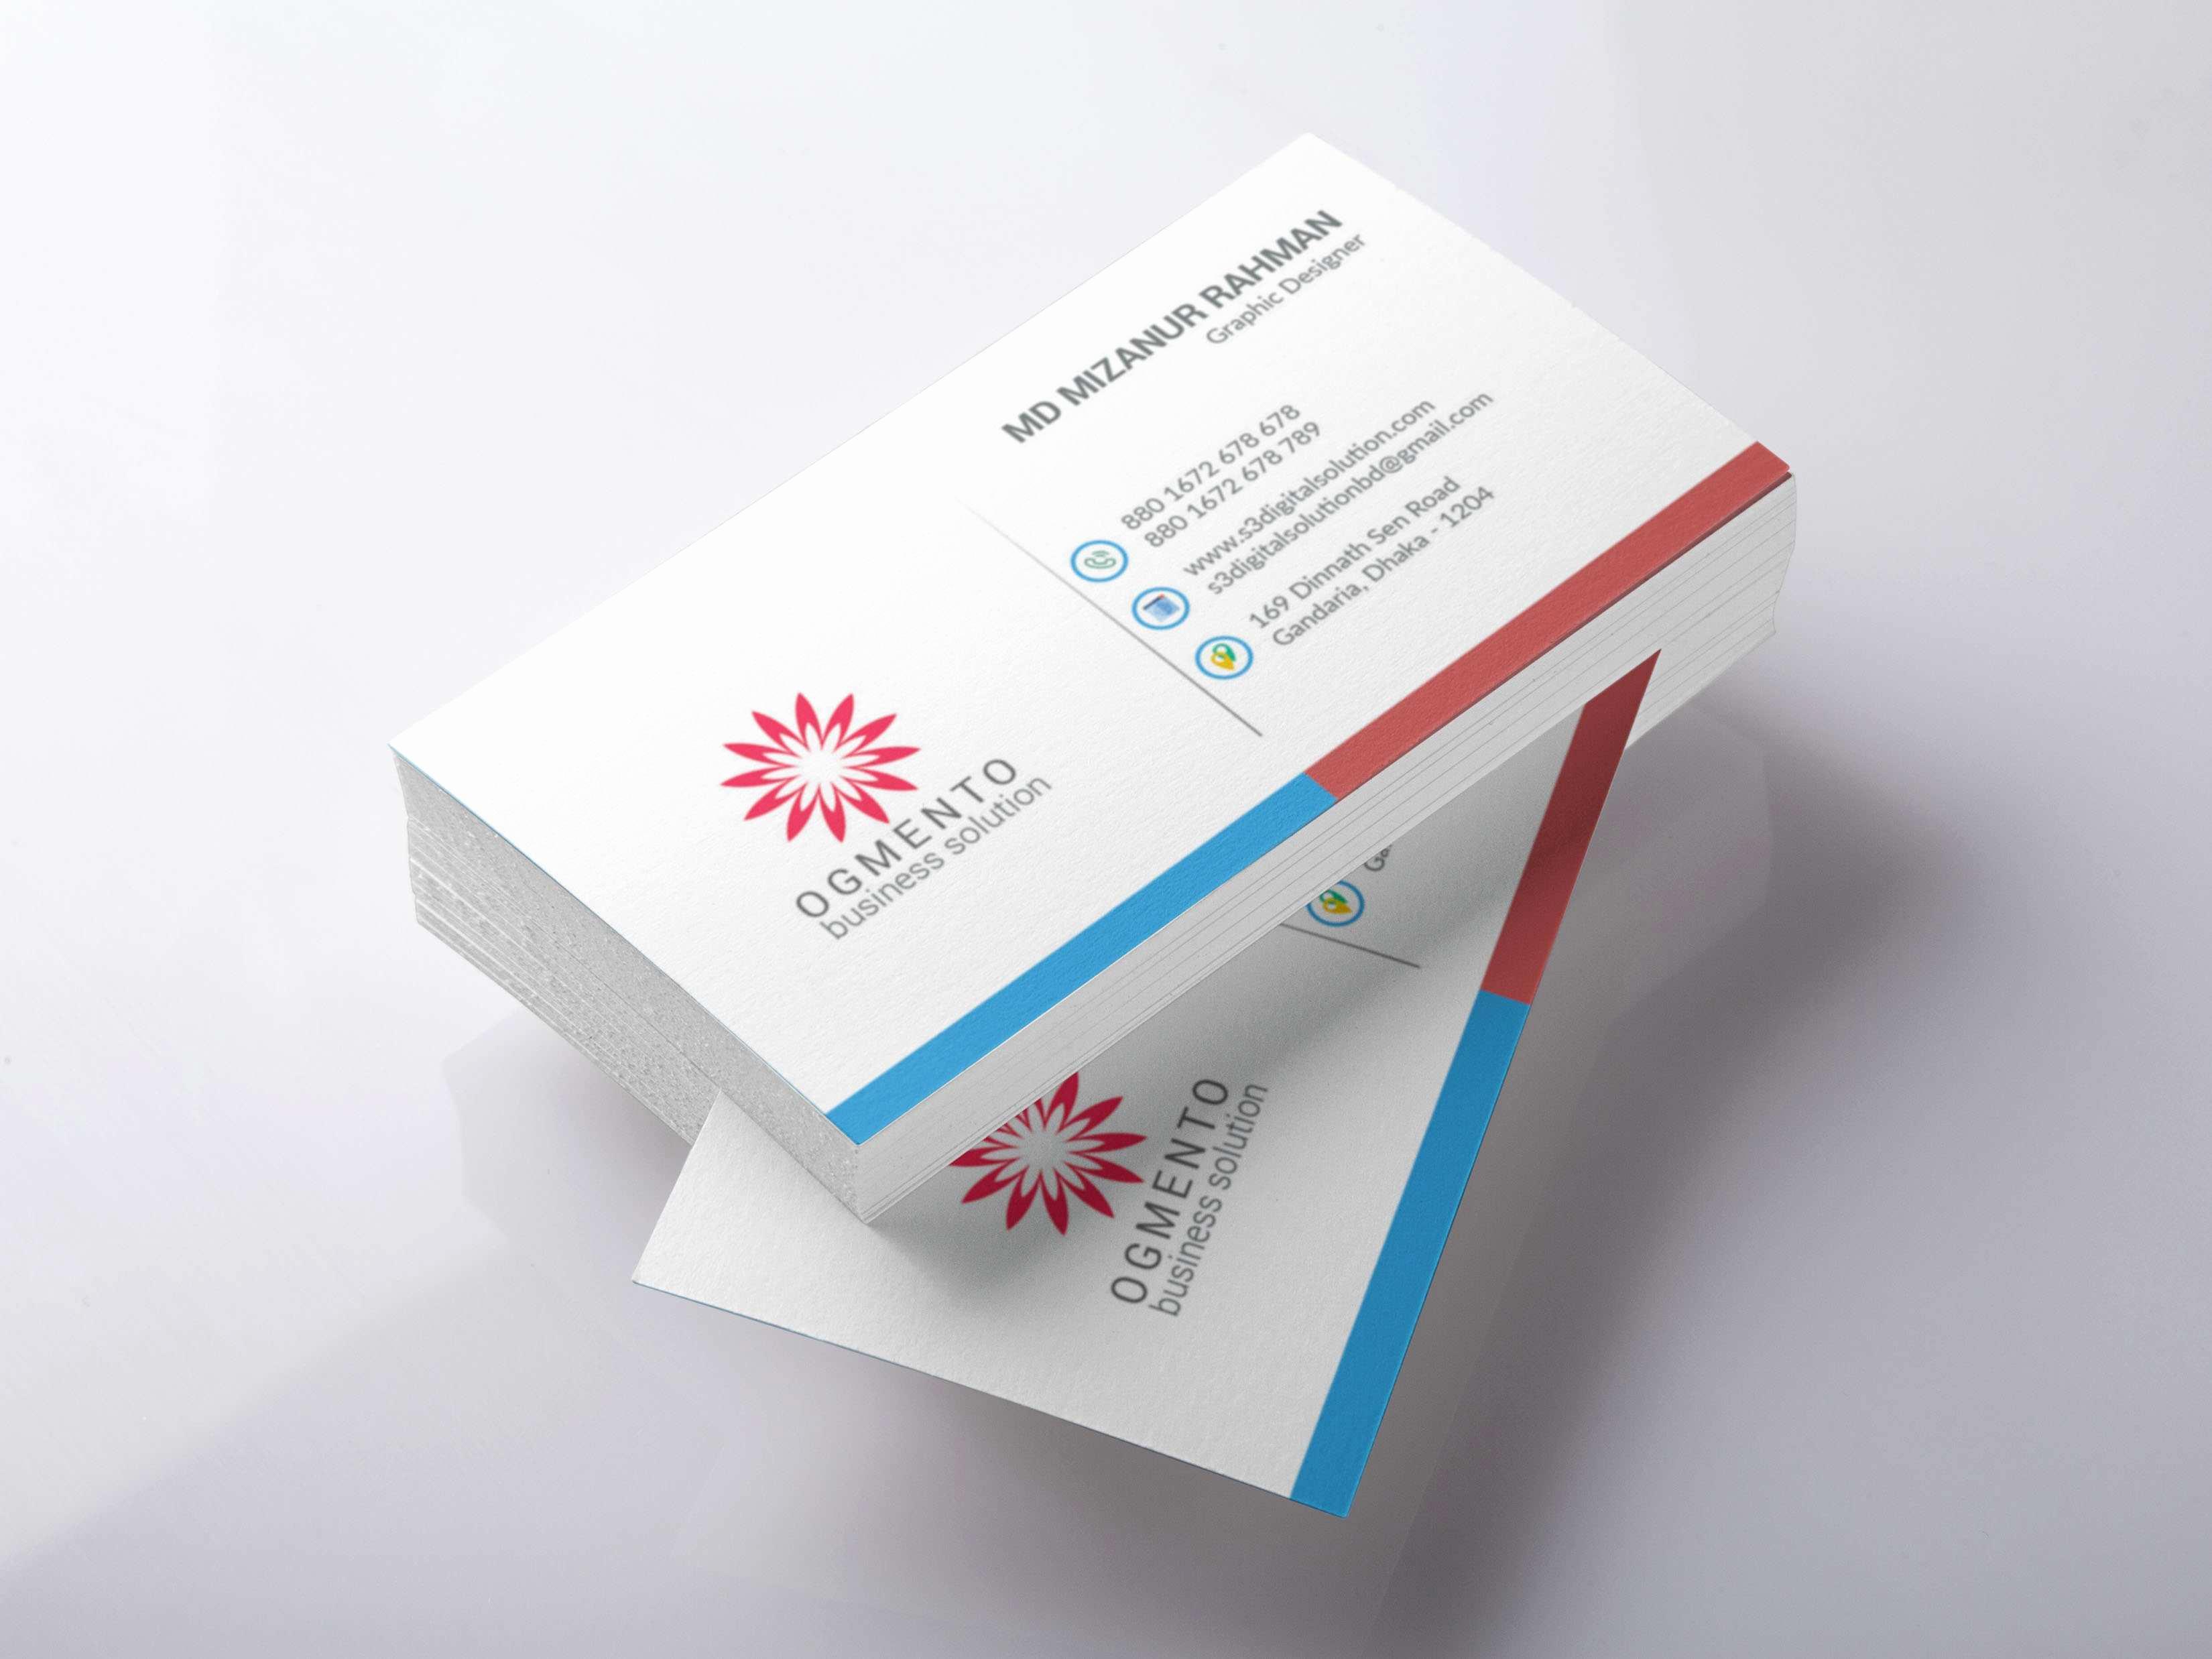 office depot business card template inspirational business cards at fice depot card design and card template